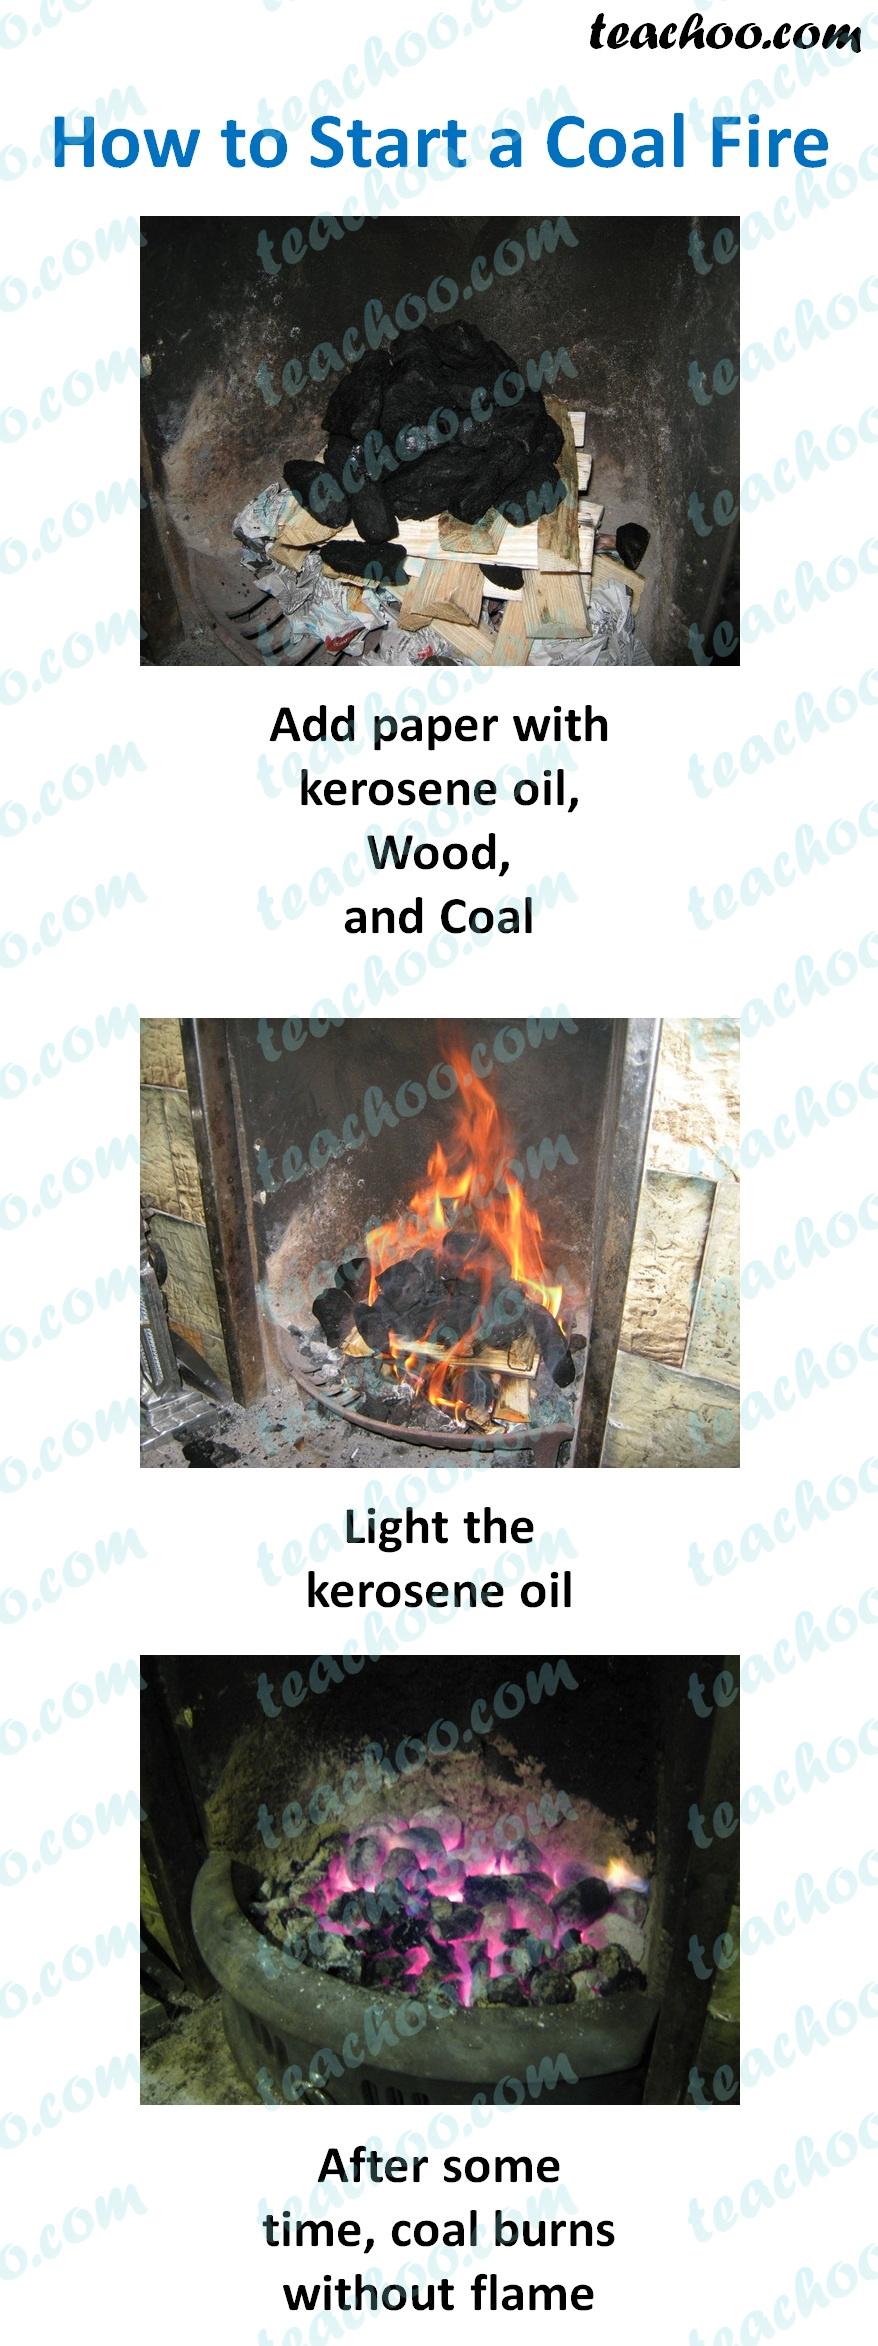 how-to-start-a-coal-fire---teachoo.jpg